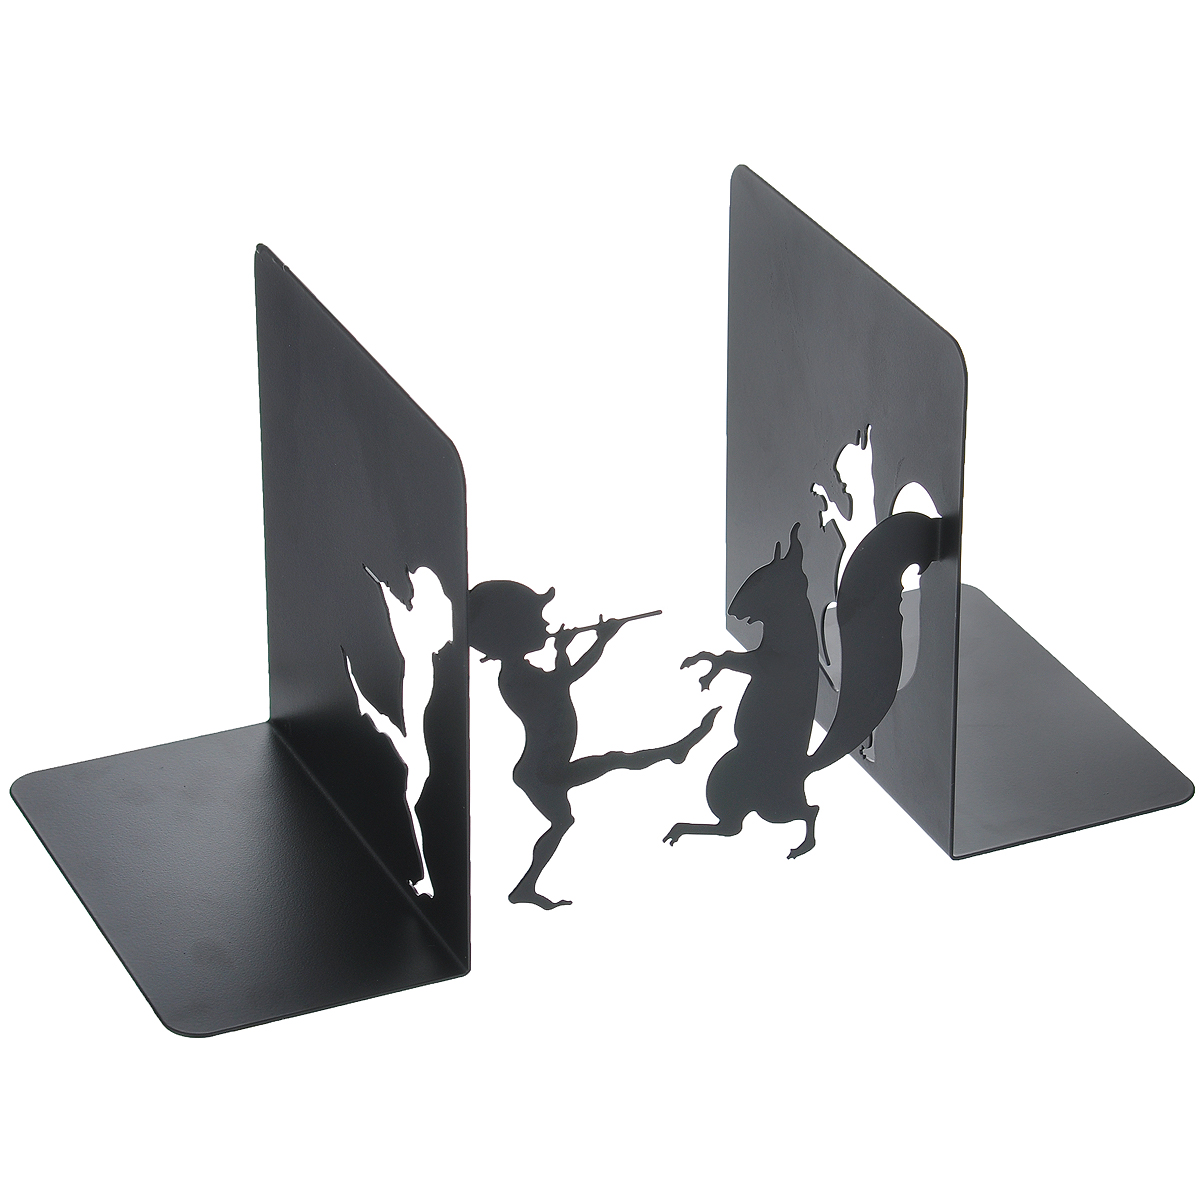 Подставка-ограничитель для книг Белка и мальчик, 2 шт36107Подставка-ограничитель для книг Белка и мальчик состоит из частей, выполненных из металла, с помощью которых можно подпирать книги с двух сторон. Изделия оформлены декоративными фигурками в виде мальчика и белки. Между подставками можно поместить неограниченное количество книг. Подставка-ограничитель для книг Белка и мальчик - это не только держатель для книг, но и интересный элемент декора, который ярко дополнит интерьер помещения. Размер одной части : 14 см х 15 см х 16 см.Комплектация: 2 шт.